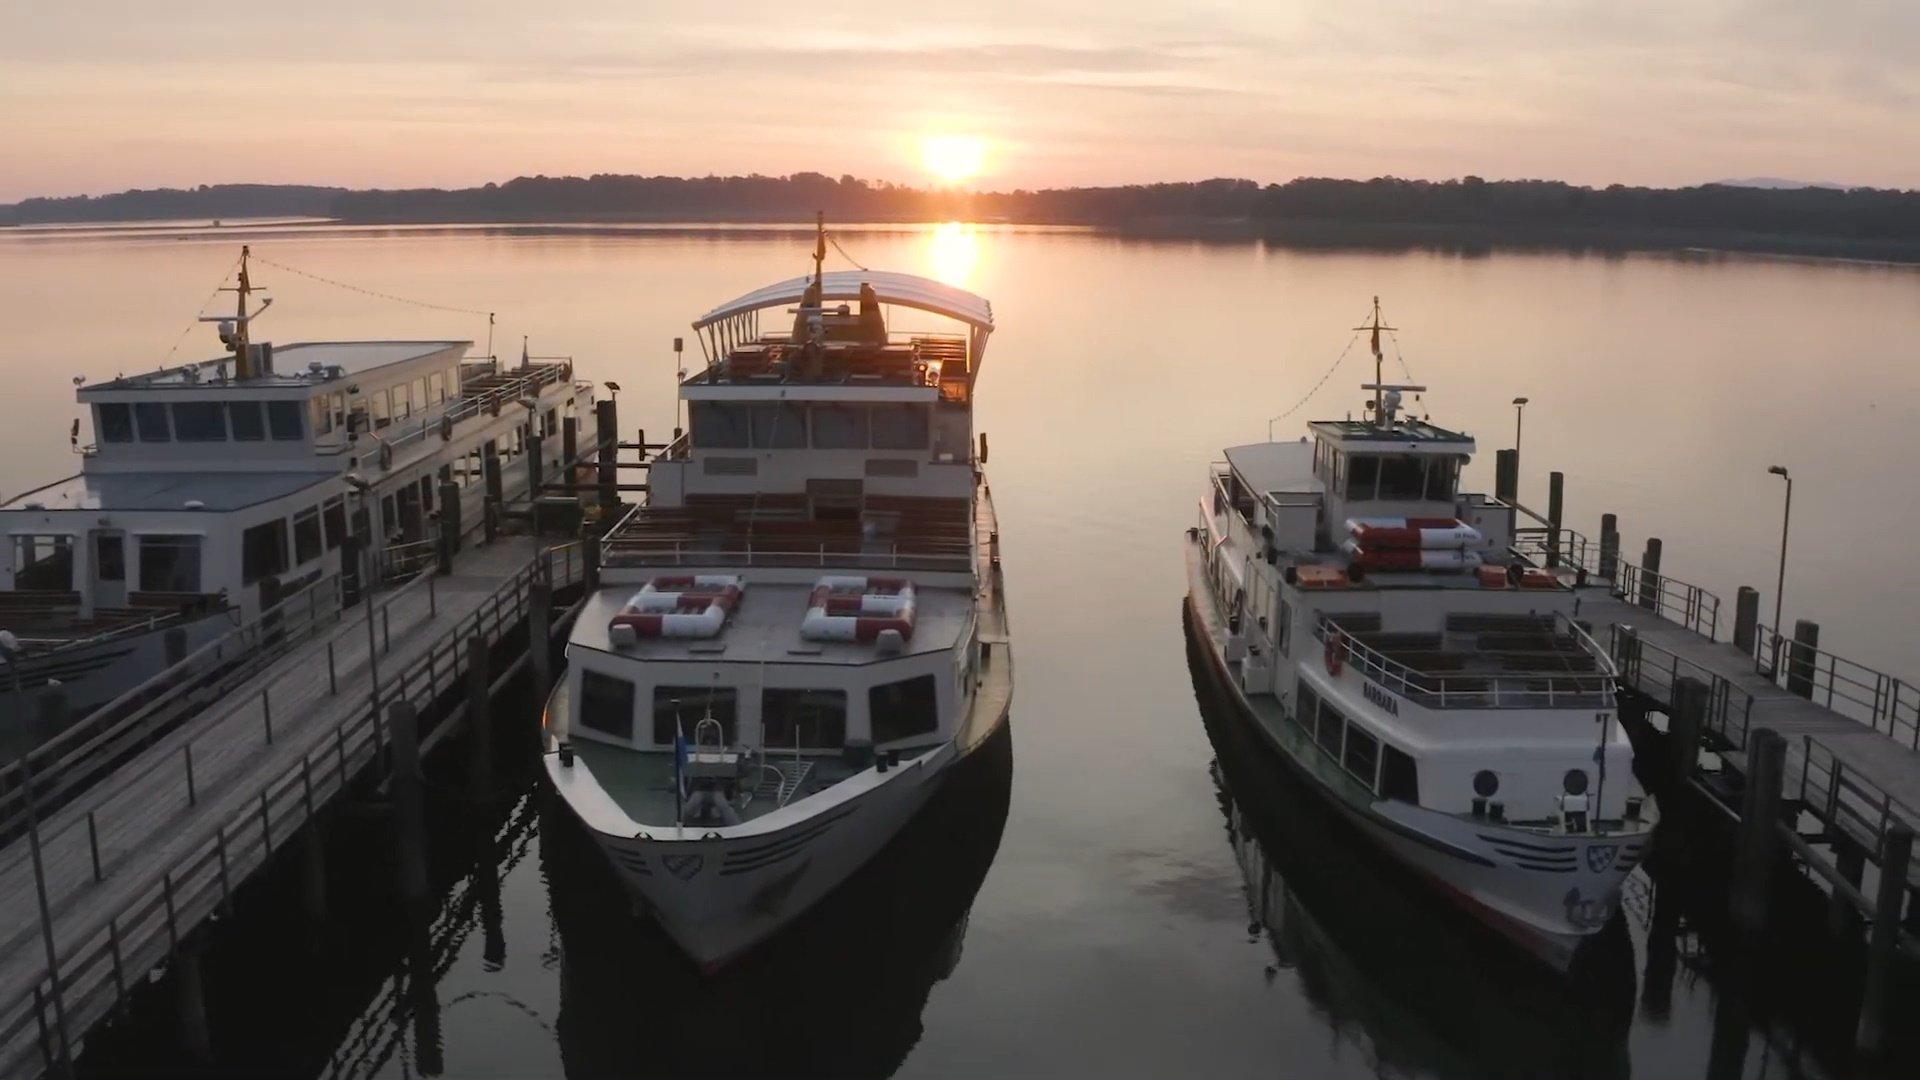 Chiemseeschifffahrt - Ein Kapitän erzählt